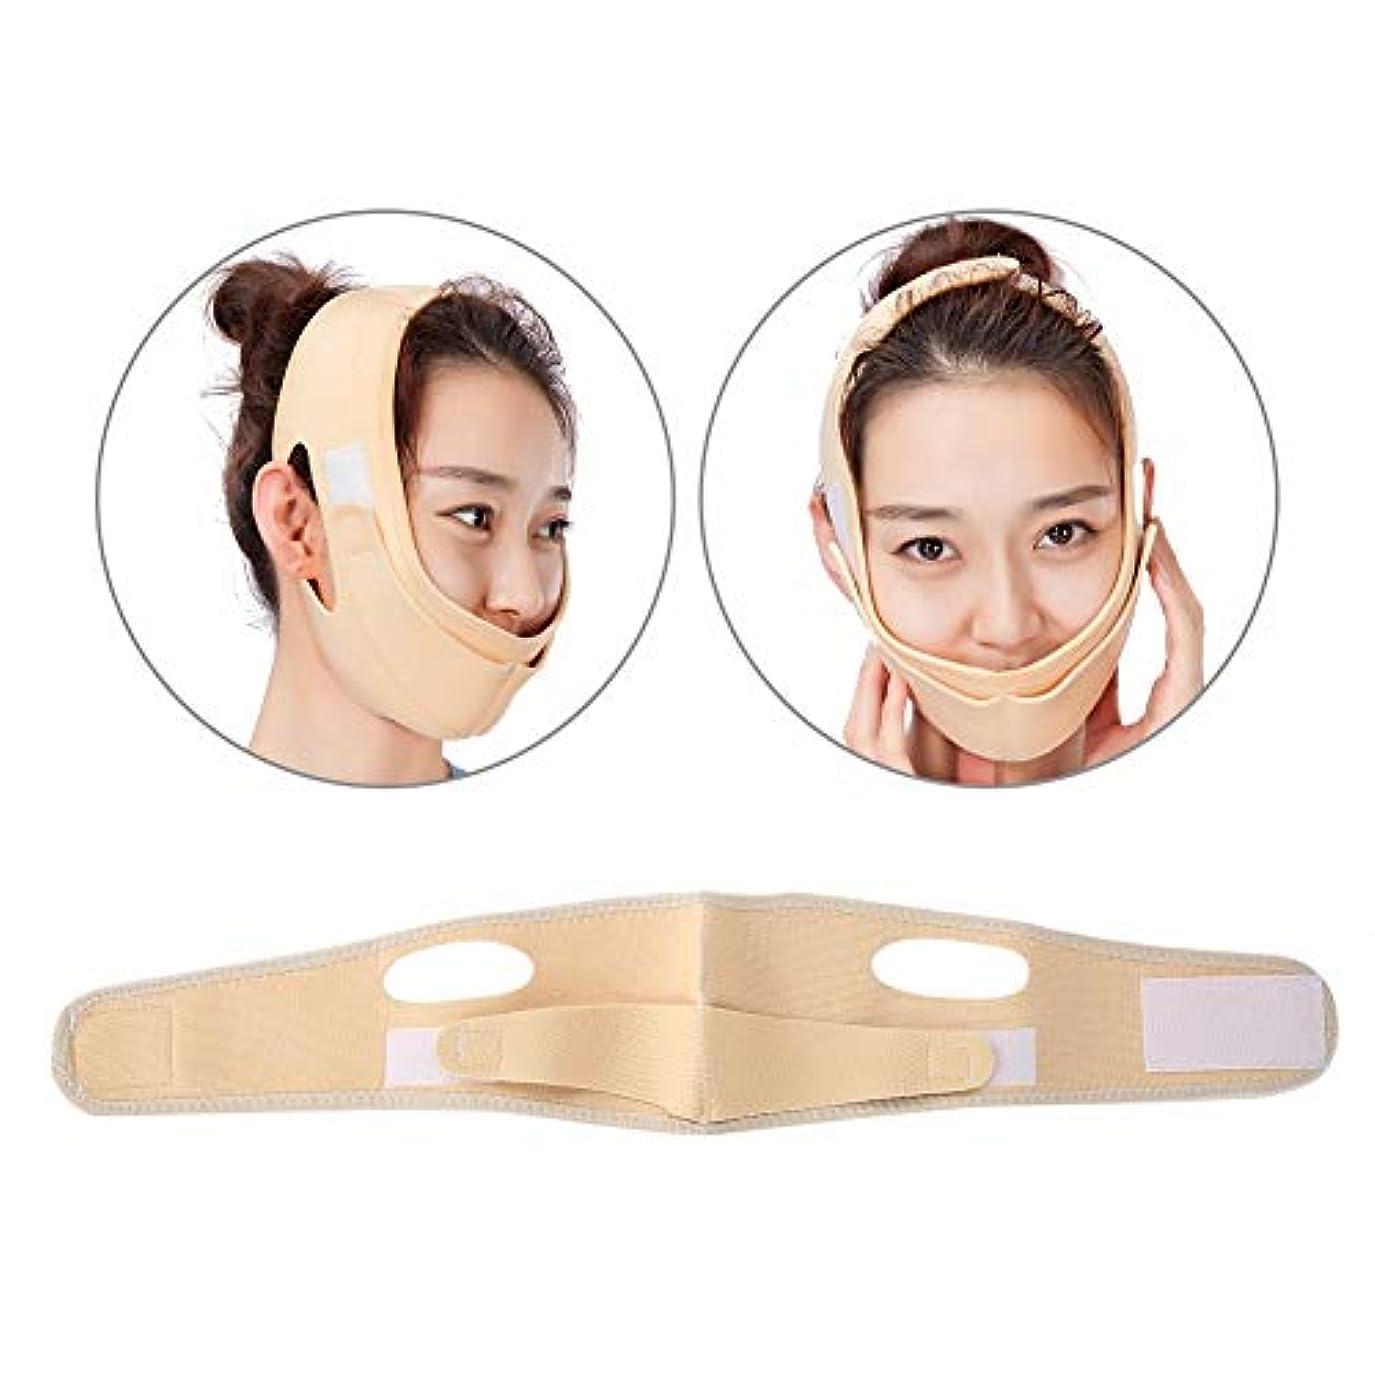 田舎者礼拝四半期フェイスリフト用 フェイスマスク 顔輪郭を改善する 美容包帯 通気性/伸縮性/変形不可(01)